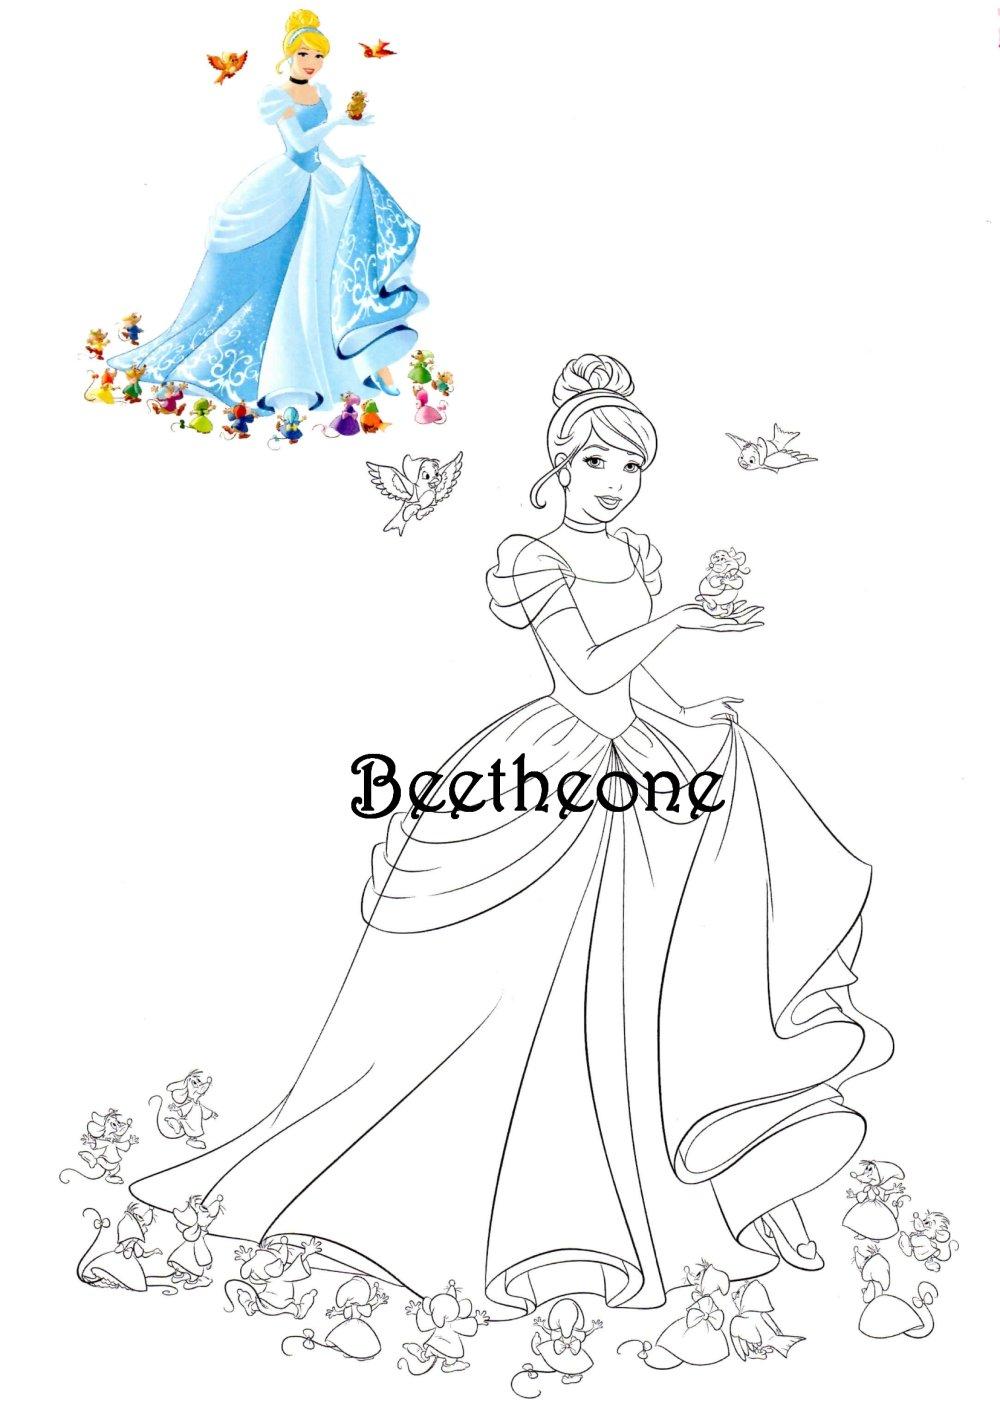 Images Digitales A Colorier Set De 32 Images A4 Disney Princesses Coloriages A Telecharger Et Imprimer Pour Anniversaires Un Grand Marche